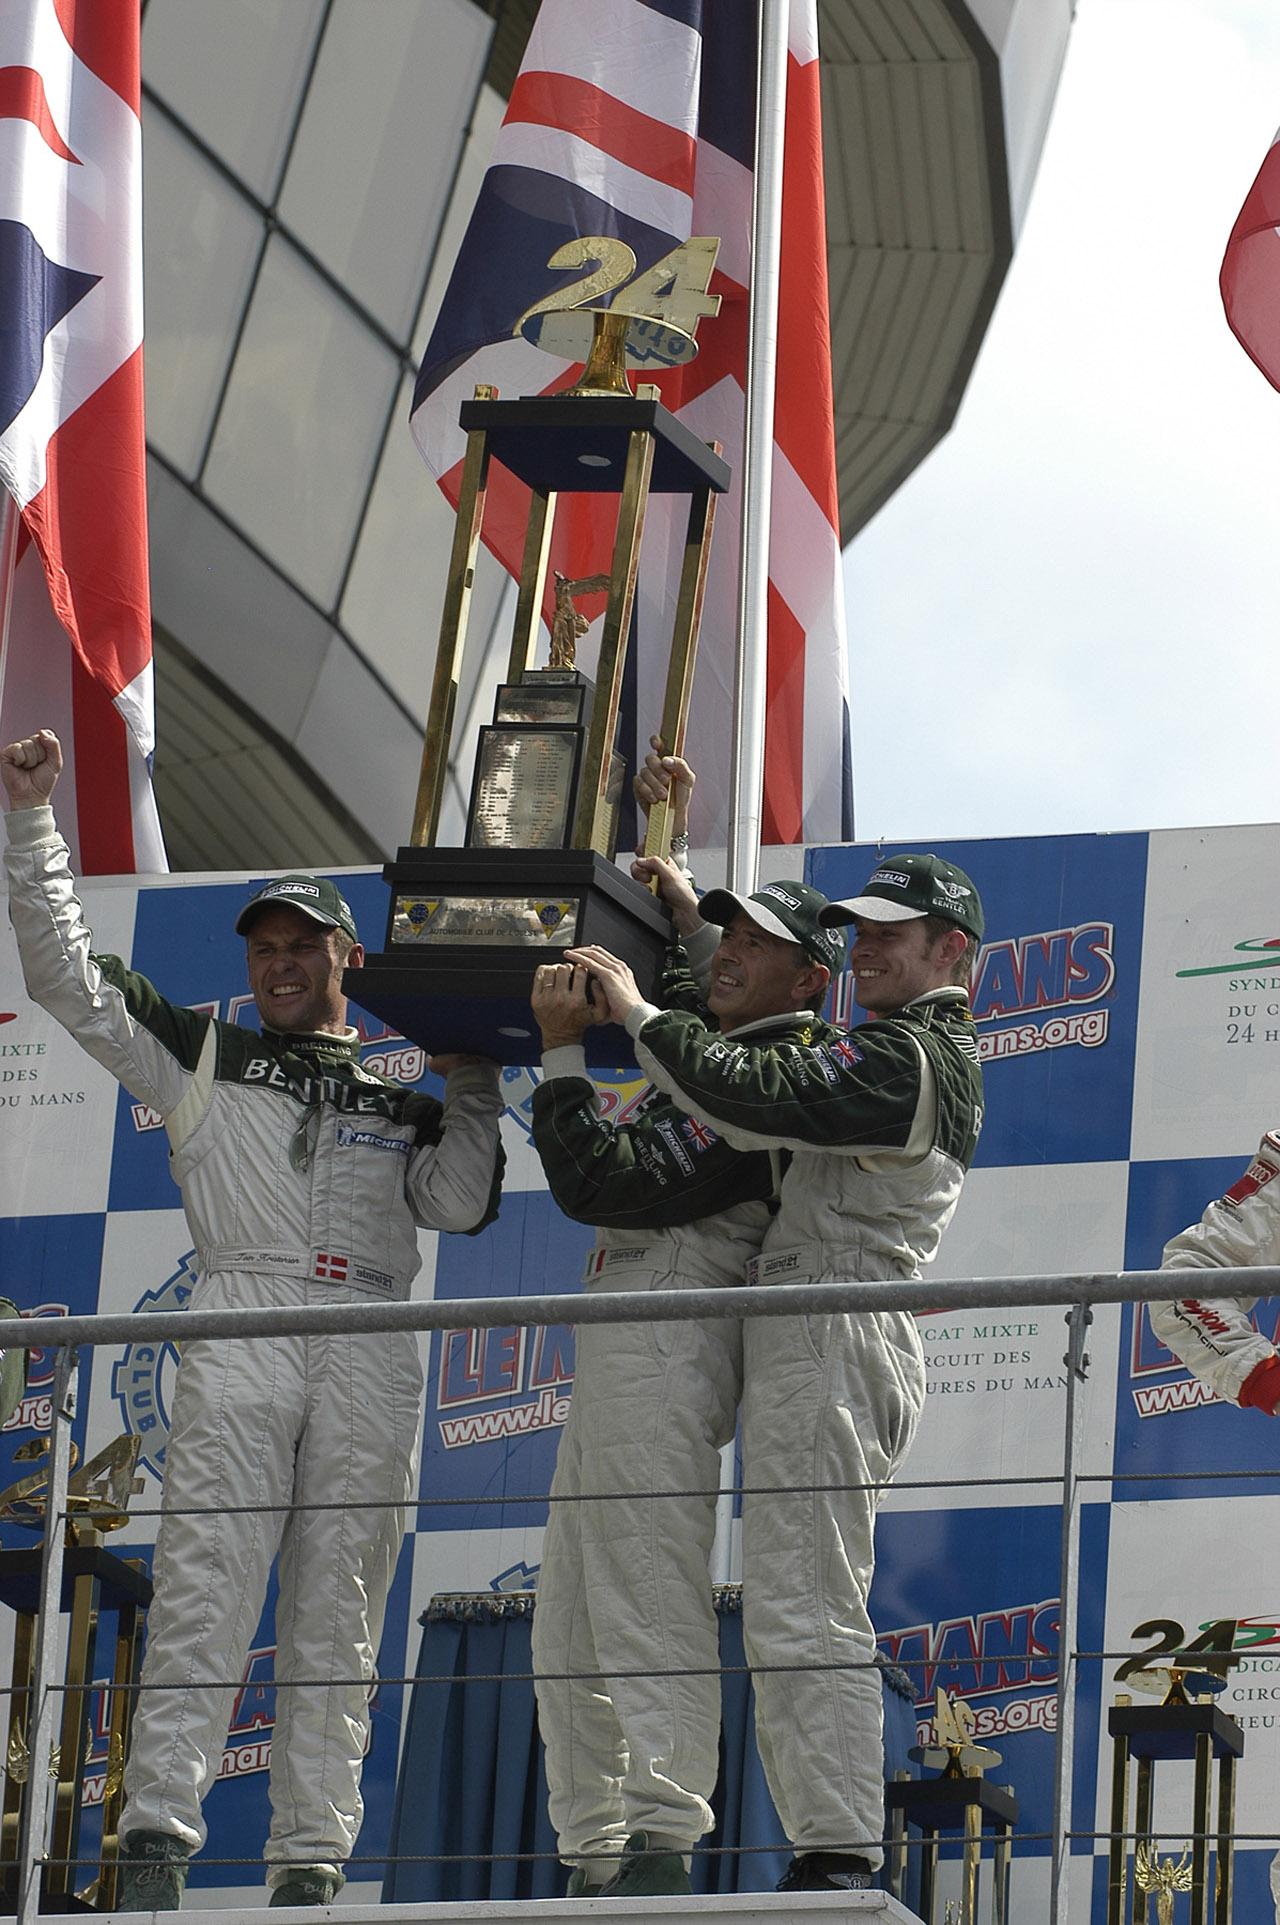 [참고사진] 2003년 벤틀리 르망 24시 우승 당시 사진